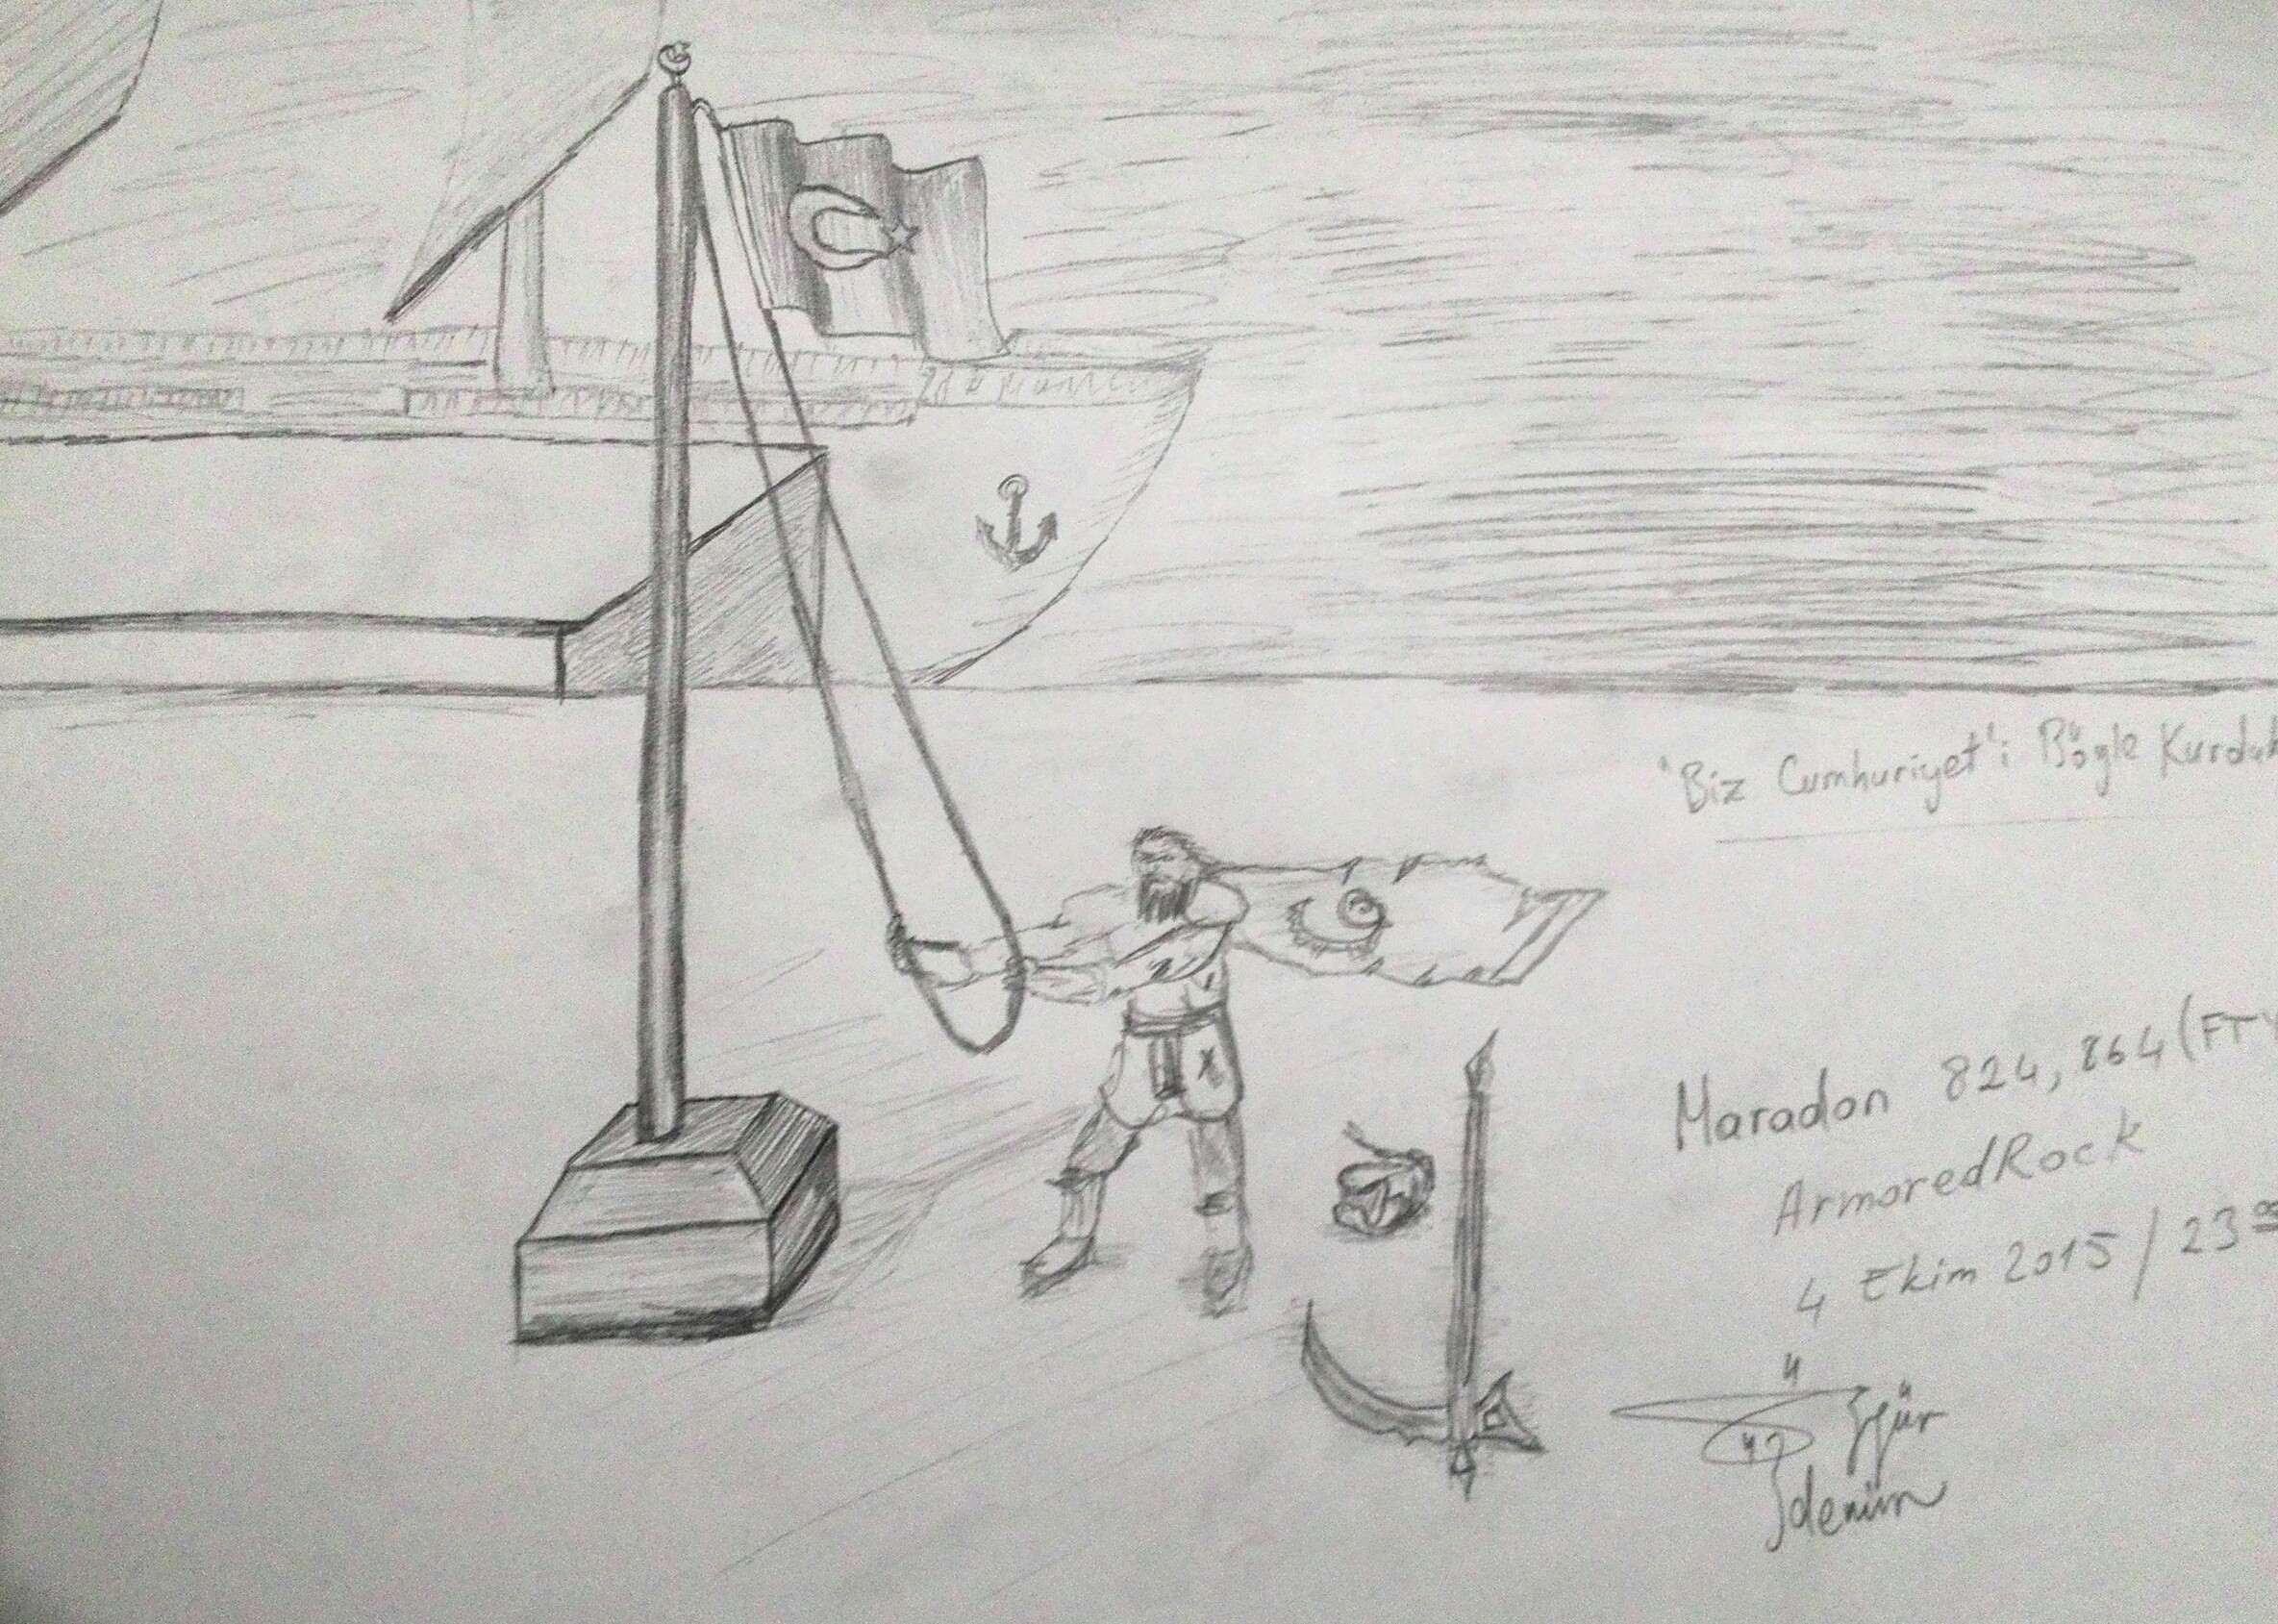 29 Ekim Karakalem Cizimleri Ogrenciler Guzel Sozler Ve Bilgi